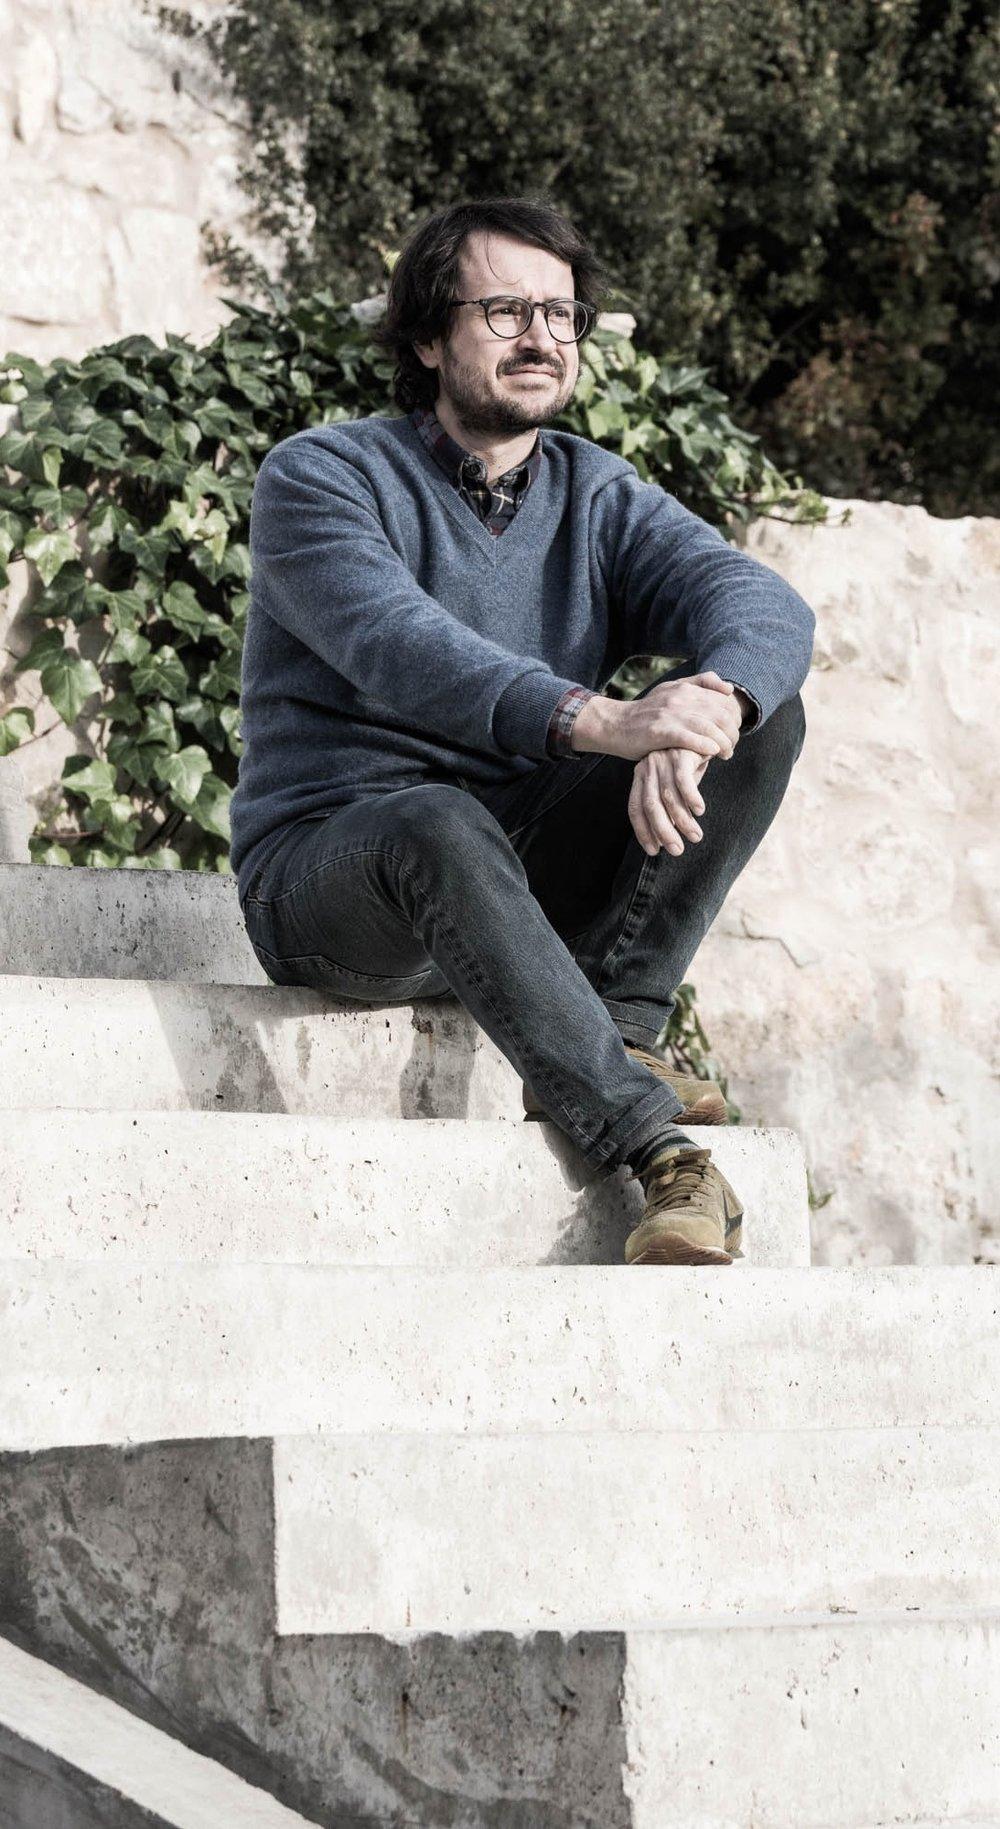 """GONZALO MORILLO - """"El entorno está presente a nuestro alrededor permanentemente, pero es únicamente cuando el hombre se rodea de belleza y sentido común cuando su mundo interior toma forma, ya que las piezas espíritu y naturaleza, encajan"""".-Ingeniero Forestal + Máster en PaisajismoSocio director y fundador, Gonzalo es ingeniero forestal (UPM) y paisajista por vocación. Comenzó su carrera aprendiendo de los clásicos en Bélgica para después desarrollar una vertiente más contemporánea en España a las órdenes de Fernando Caruncho durante más de cinco años como Jefe de Proyectos, trabajando en localizaciones tan diversas como Inglaterra, Estados Unidos, Nueva Zelanda, Qatar, Arabia Saudí, Emiratos Árabes, Italia, Francia, Grecia, Suiza y Bélgica, además de múltiples localizaciones en España. Con la gran experiencia adquirida lanza su carrera en solitario en 2011 formando un estudio multidisciplinar propio que satisface la necesidad de una aproximación integral a los proyectos de paisajismo y que concluye en la actualidad con la formación de Locus Landscape Architecture junto a sus socios Luisa Olazabal y Luis Ojeda.-Forestry Engineer + Master's degree in LandscapingManaging partner and founder, Gonzalo is a Forestry engineer (UPM) and has a vocation for landscaping. He began his career learning from the classics in Belgium, and then he developed a more contemporary side back in Spain under Fernando Caruncho as a Project Manager for over five years. He has worked in locations as diverse as London, Cotswolds, Ensenada, San Diego, Auckland, Lugano, Rome, Siena, Florence, Biarritz, Spetses, Qatar, Abu Dhabi and Ryadh, in addition to many other places in Spain. With all that great experience, he launched his solo career in 2011 forming his own multidisciplinary studio in order to meet this need for a comprehensive approach to landscaping projects, which has currently concluded with the creation of Locus Landscape Architecture together with his partners Luisa Olazábal and Luis"""